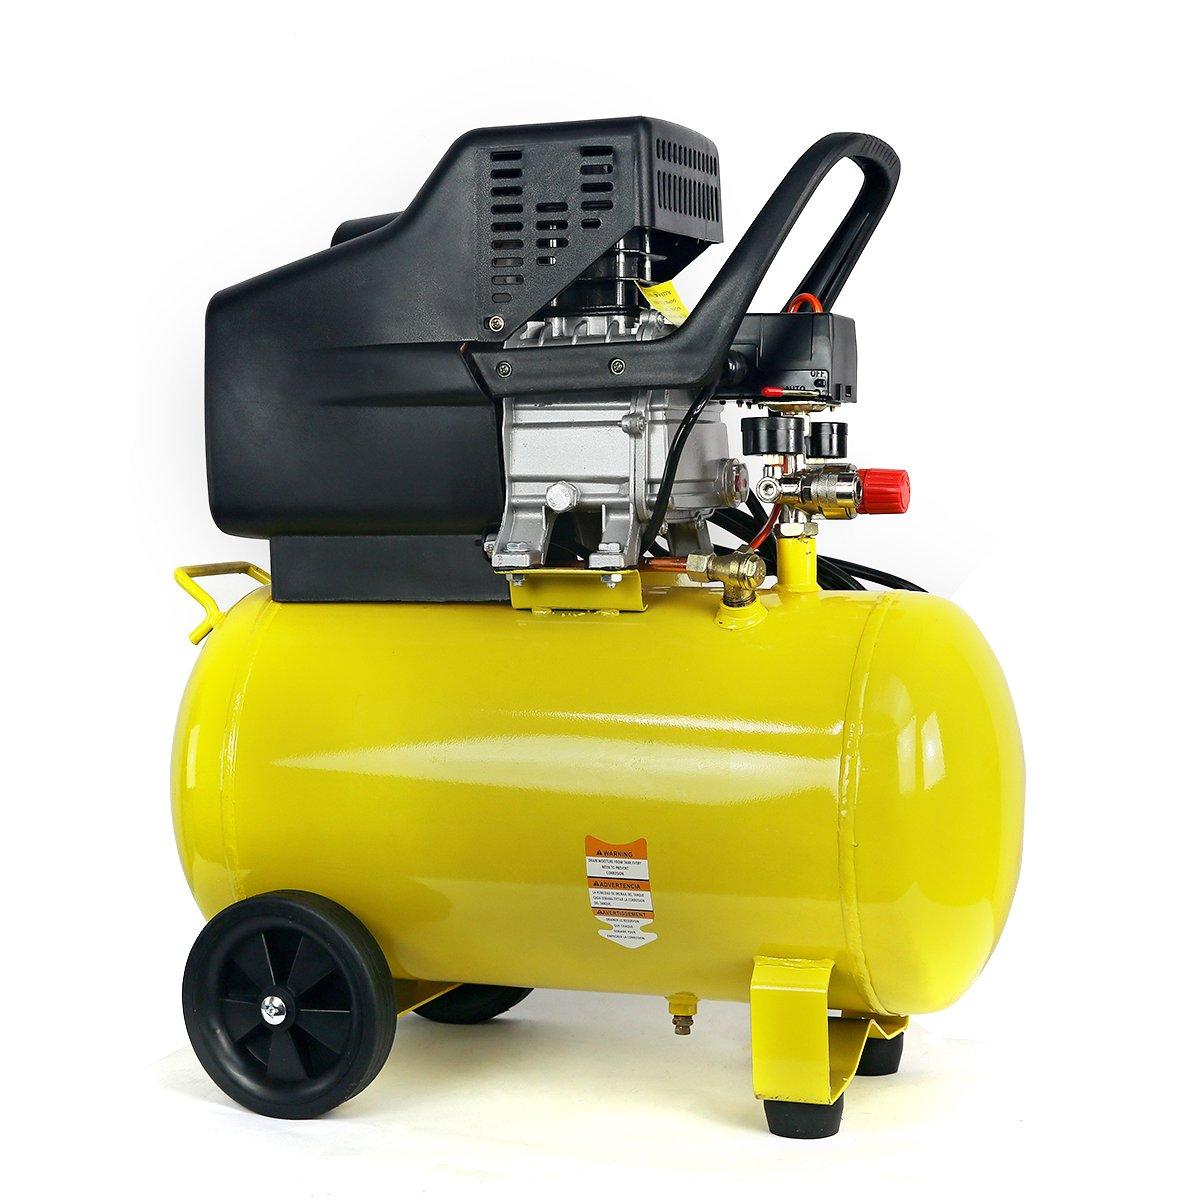 central pneumatic air compressor reviews